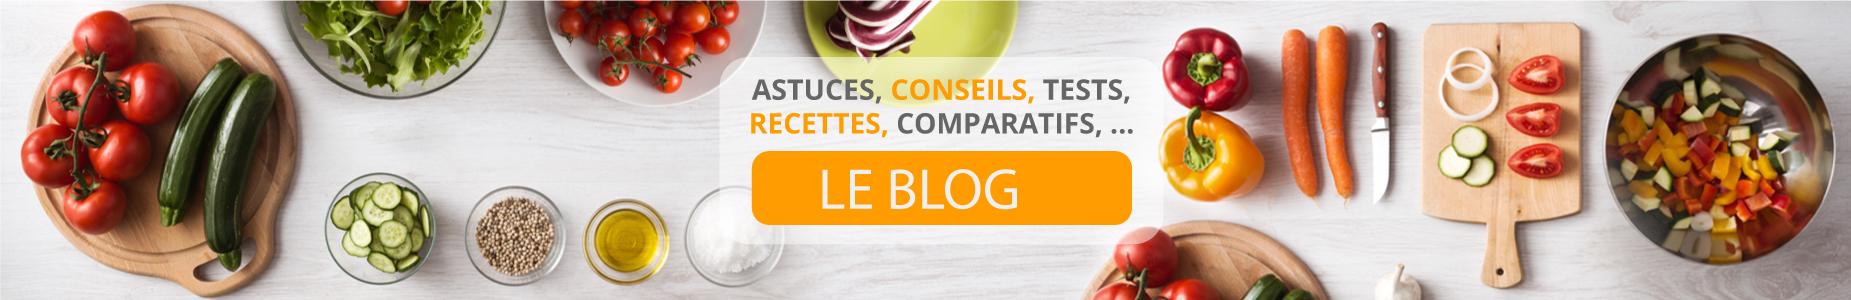 Le Blog : astuces, conseils, tests, recettes, comparatifs,...